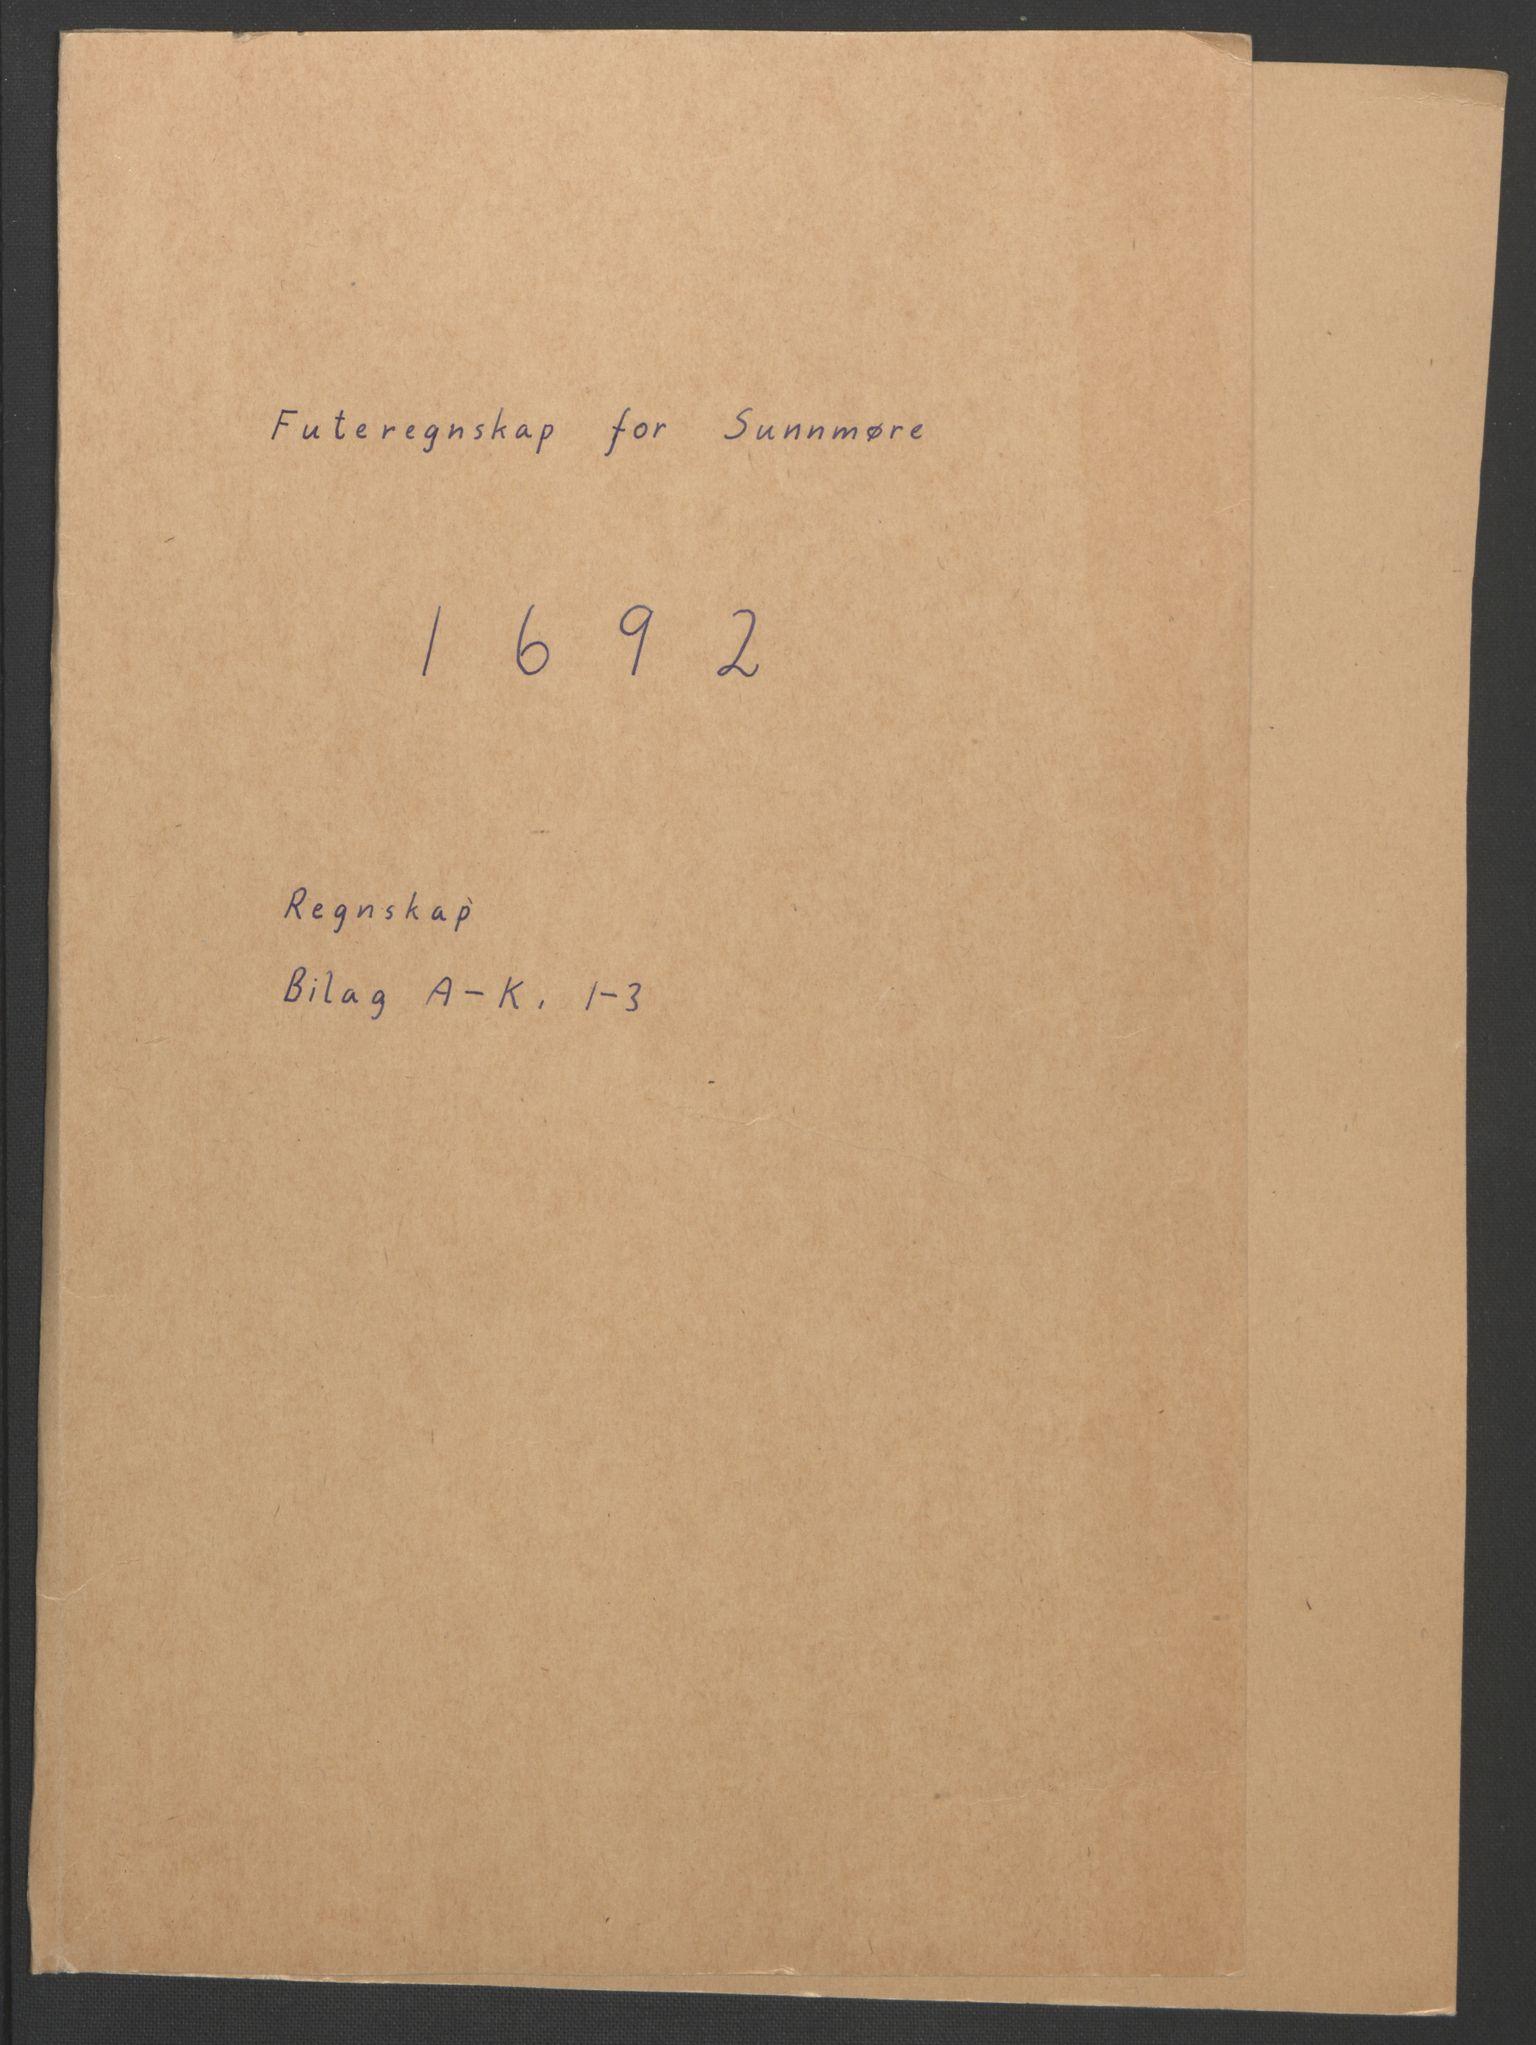 RA, Rentekammeret inntil 1814, Reviderte regnskaper, Fogderegnskap, R54/L3554: Fogderegnskap Sunnmøre, 1691-1693, s. 123